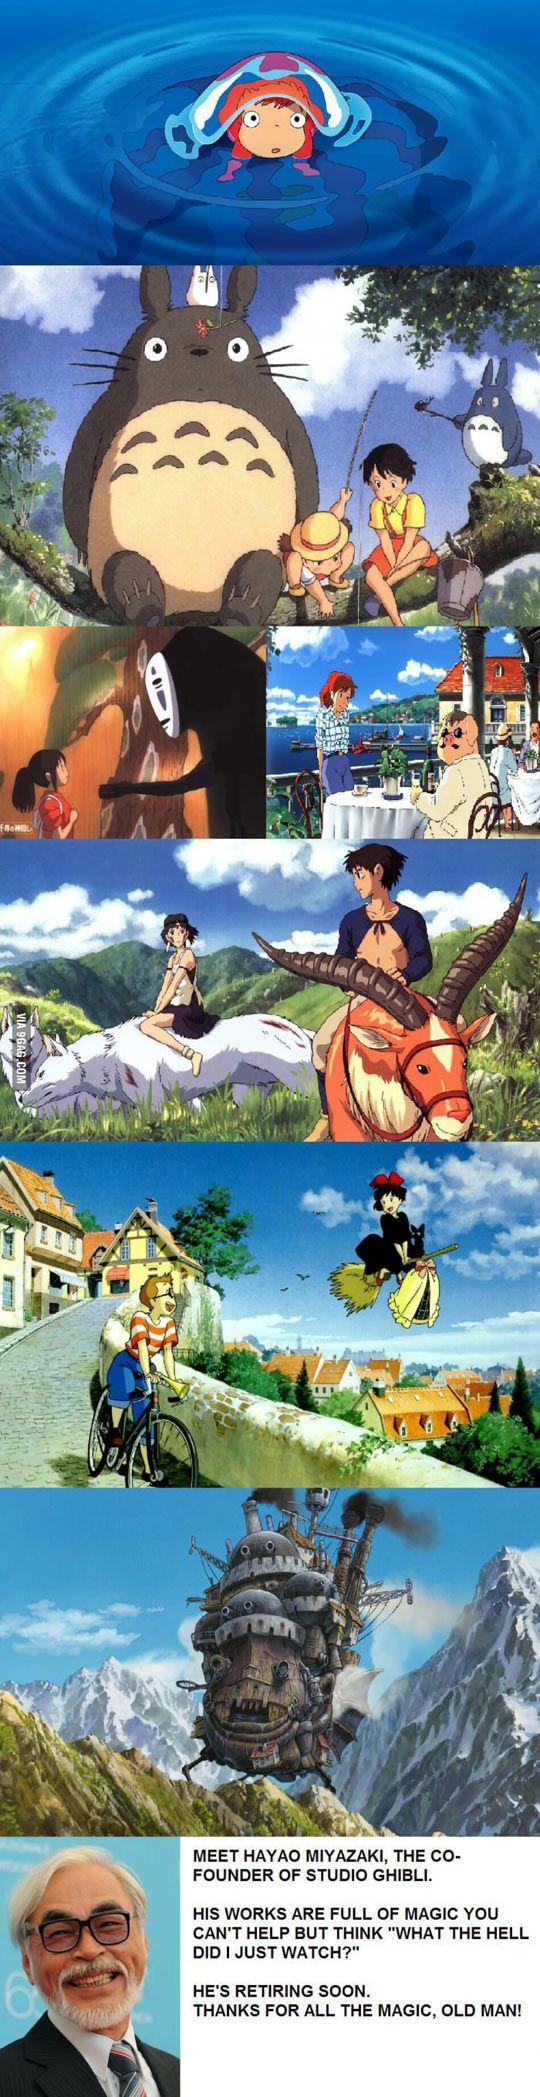 Meet Hayao Miyazaki…